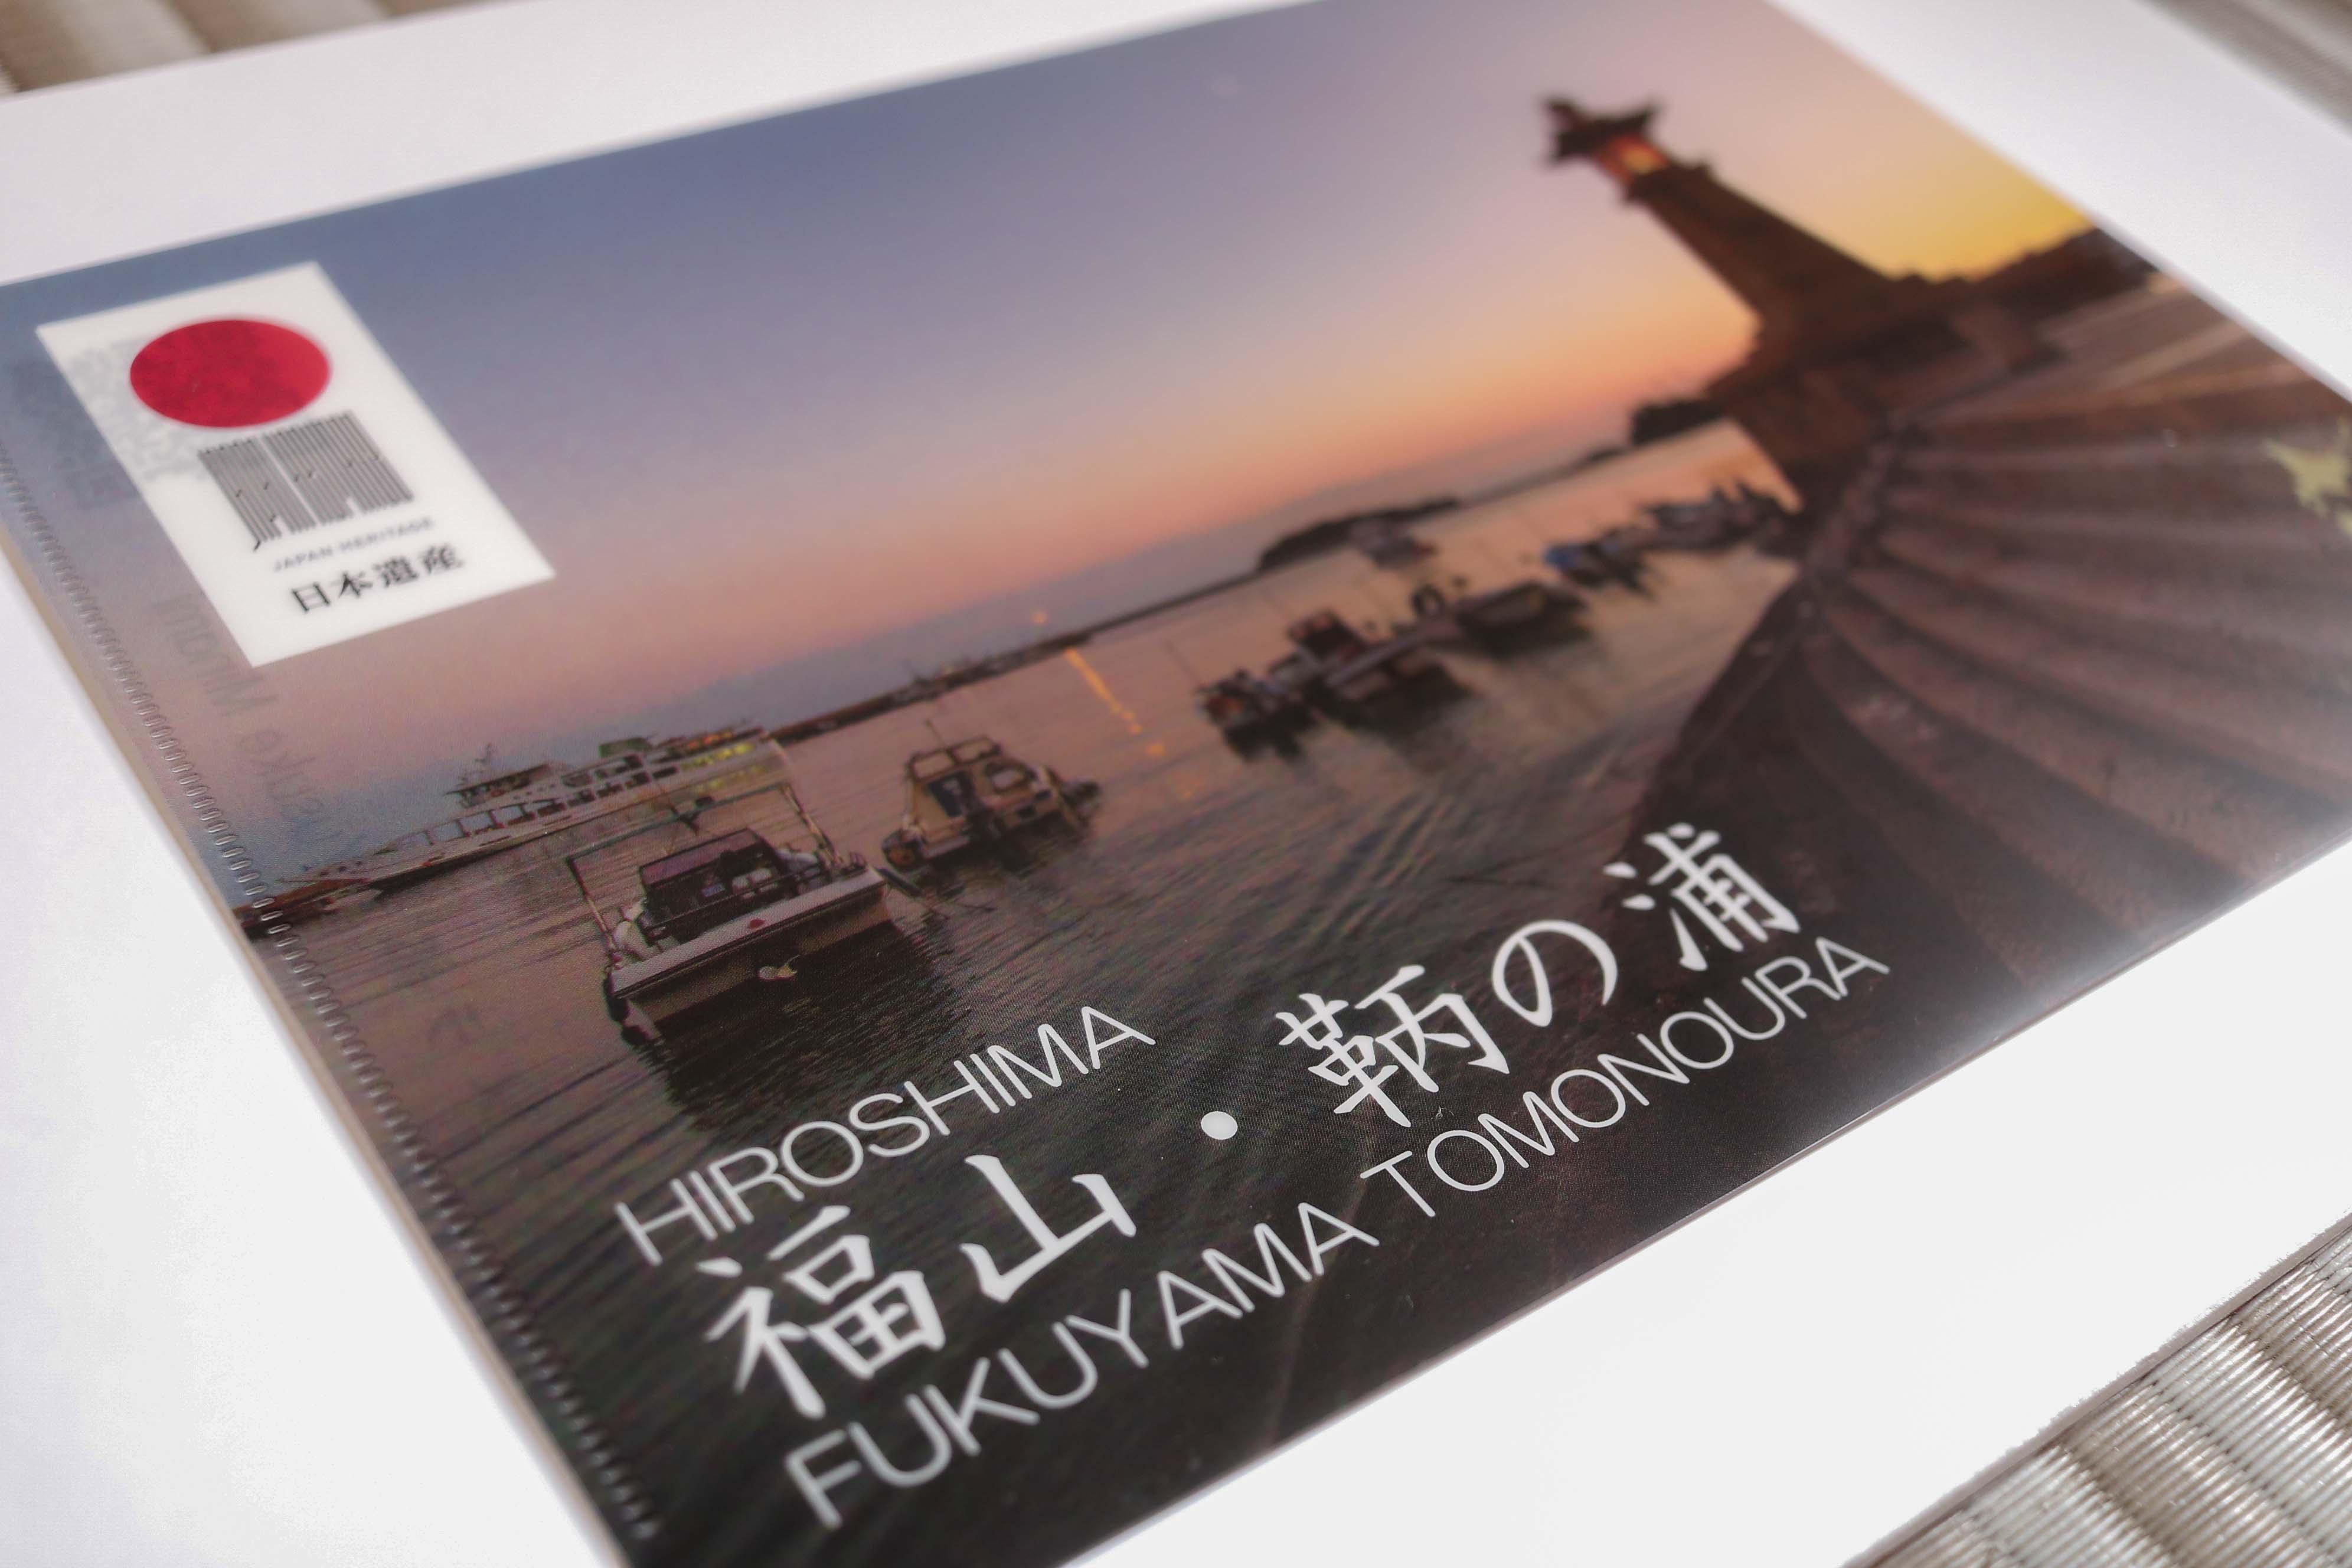 【鞆の浦お土産】おすすめ!日本遺産鞆の浦クリアファイル&ポストカードが完成!/広島県福山市